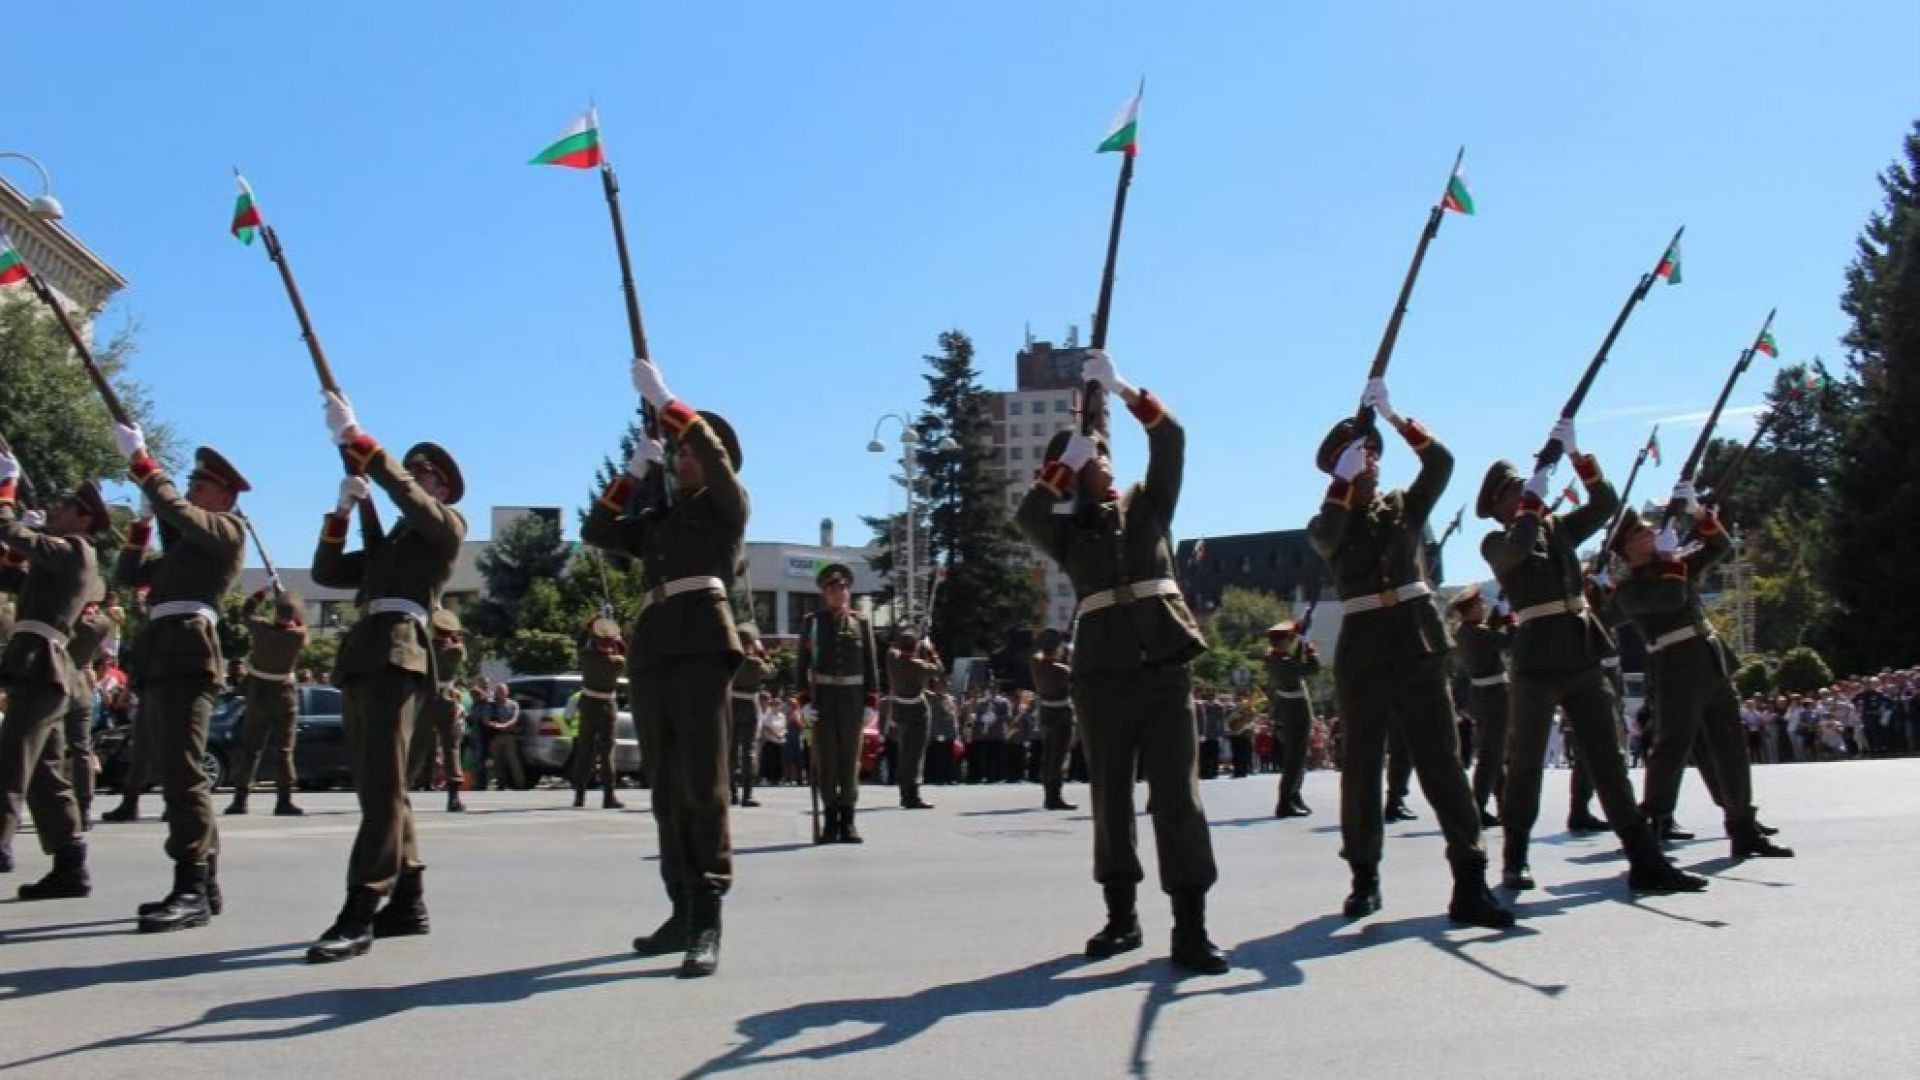 Във Варна отбелязват 133-та годишнина от битката при Сливница